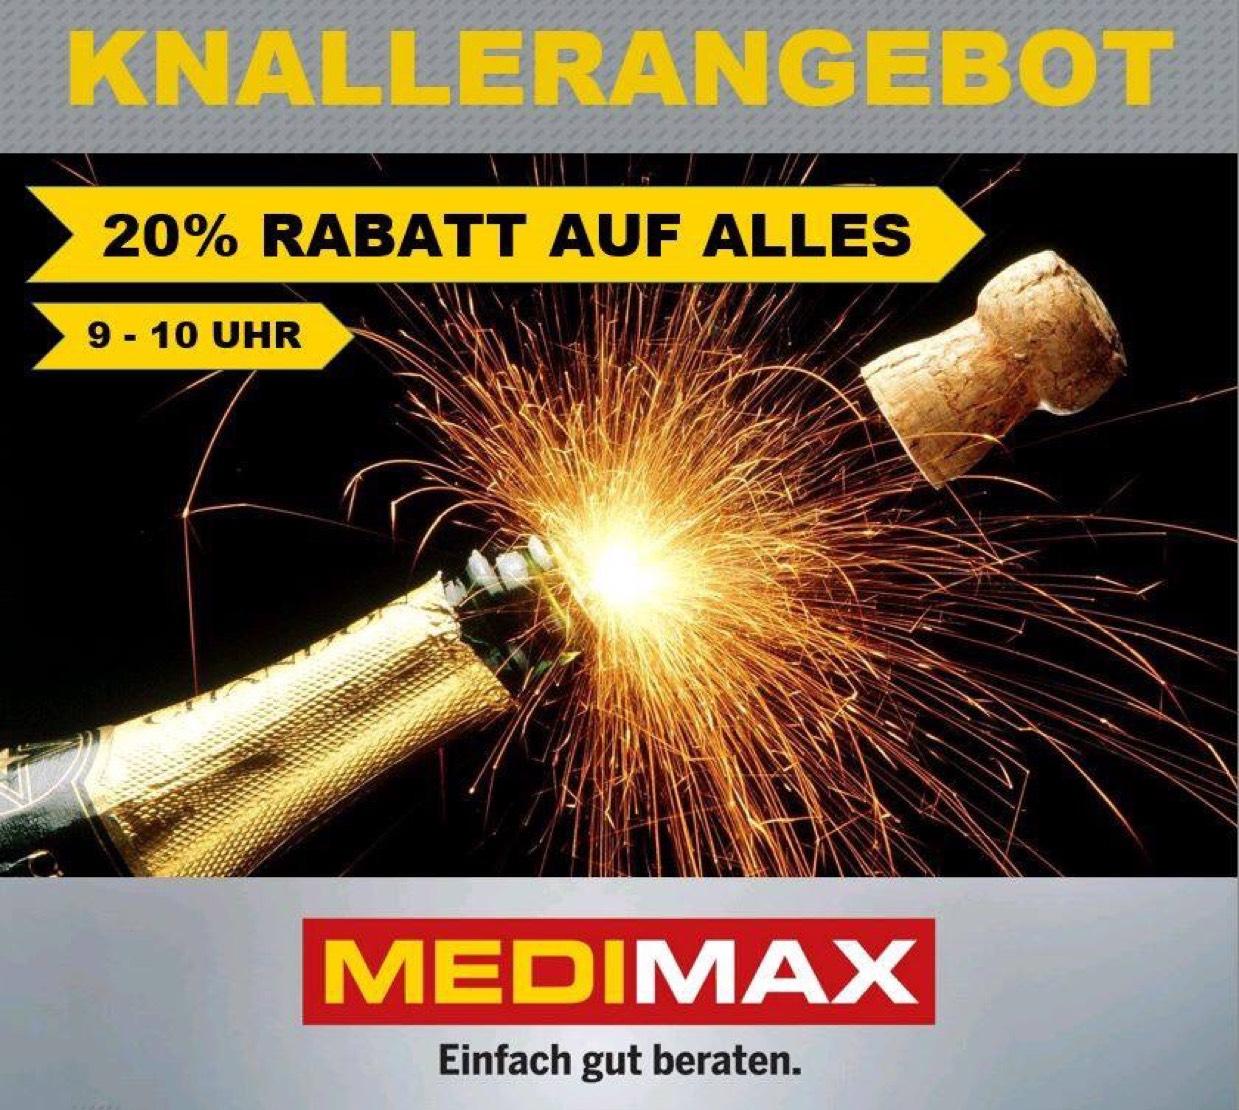 [LOKAL] Am 27.12. 09-10Uhr Medimax Riesa 20% auf wirklich fast ALLES!